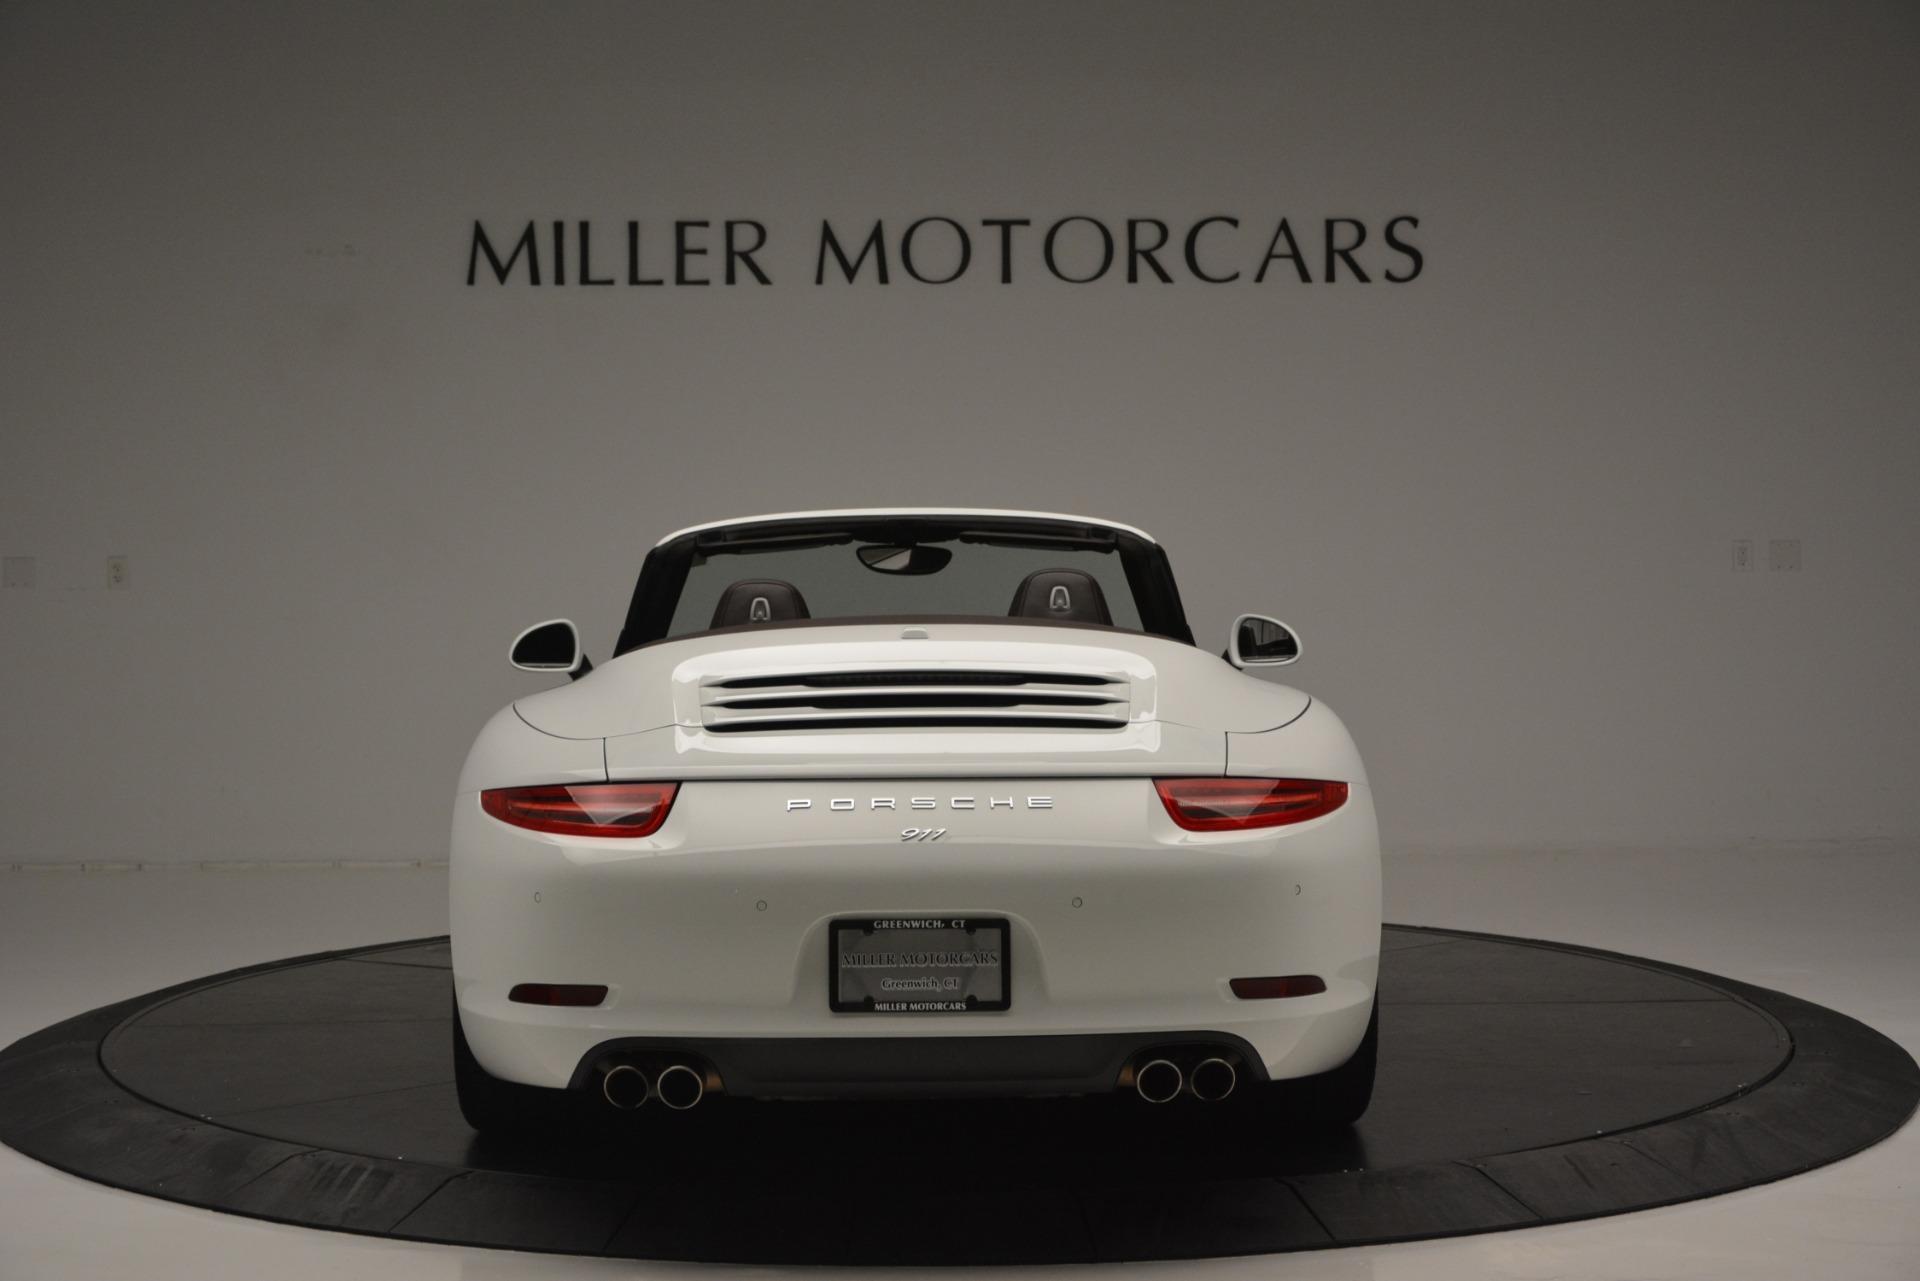 Used 2015 Porsche 911 Carrera S For Sale In Greenwich, CT 2578_p6